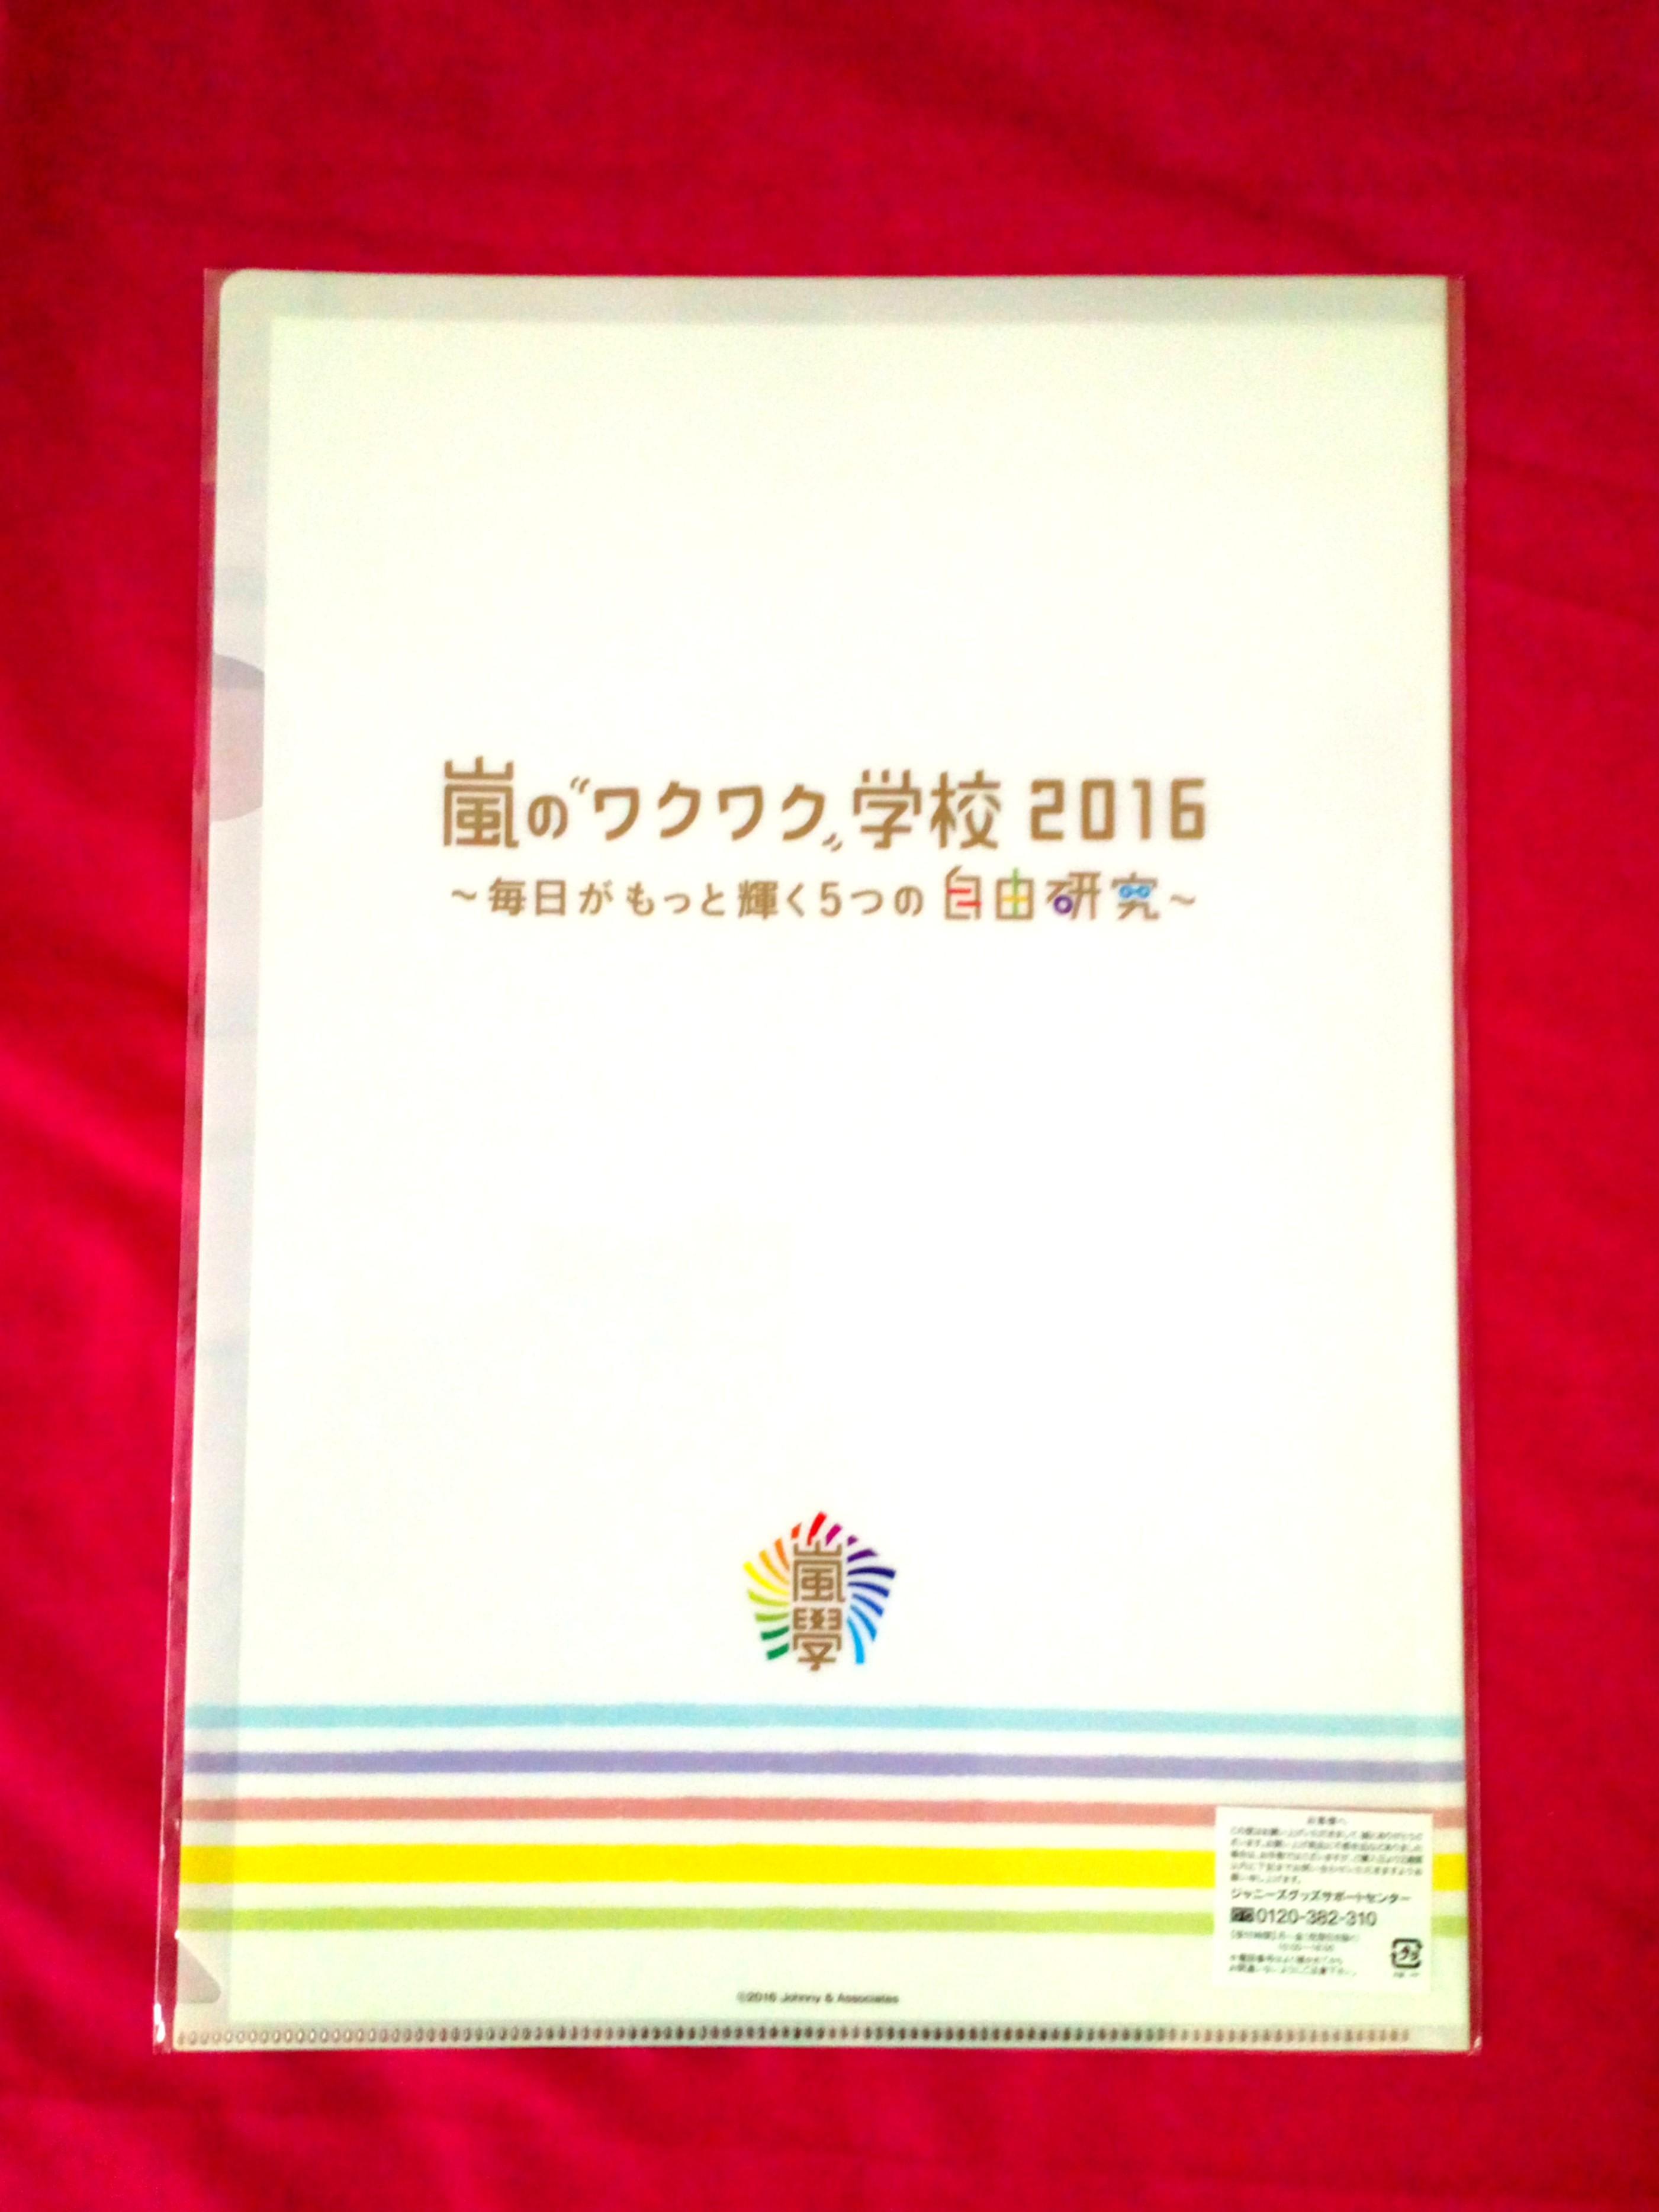 Arashi Ninomiya Kazunari Waku Waku Gakkou 2016 Clear file